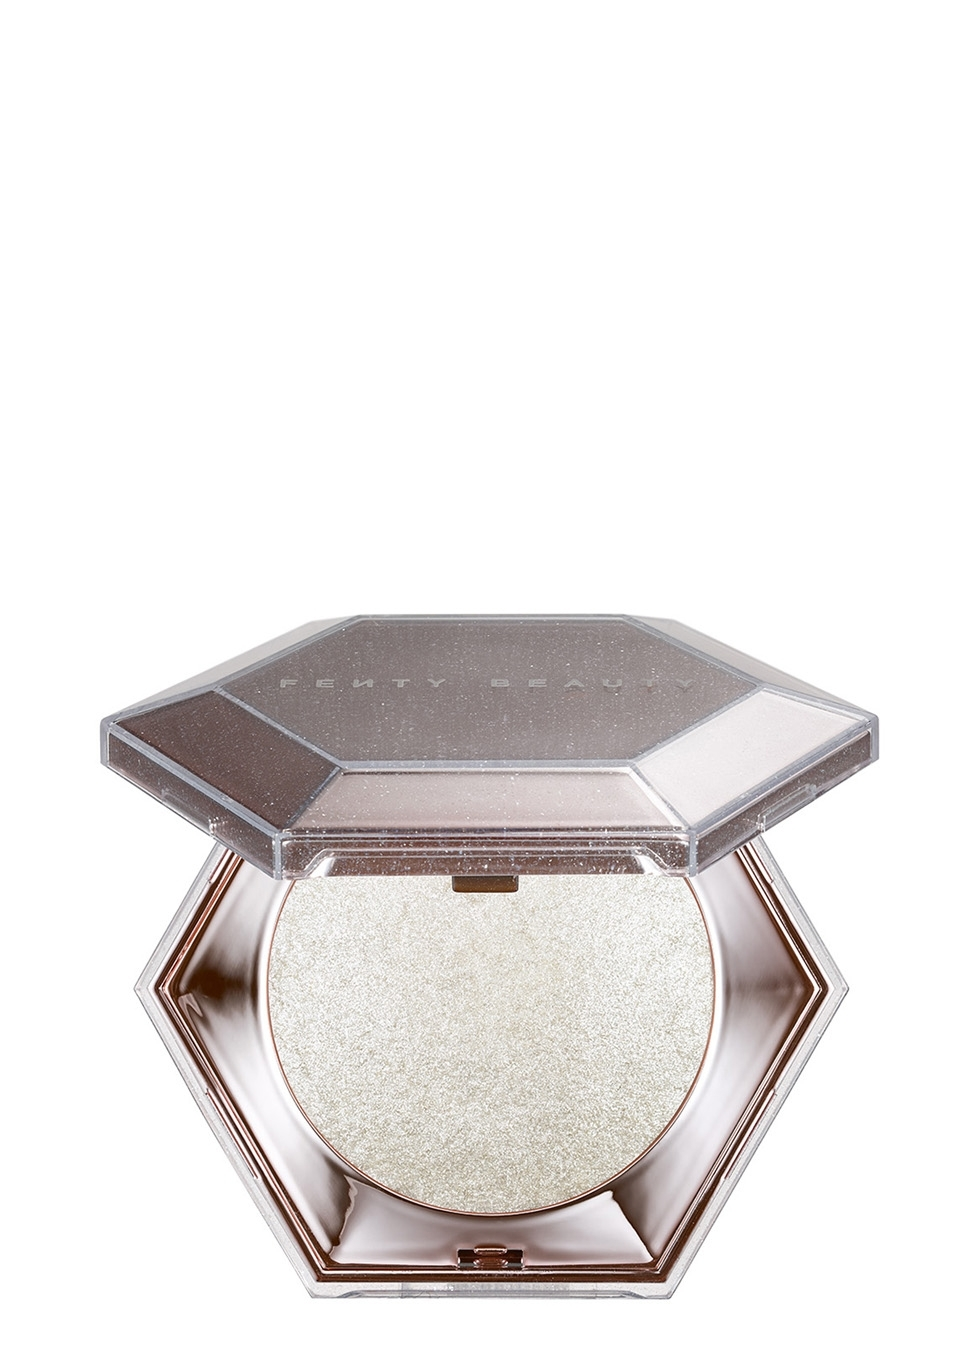 Diamond Bomb All-Over Diamond Veil Highlighter Open Package